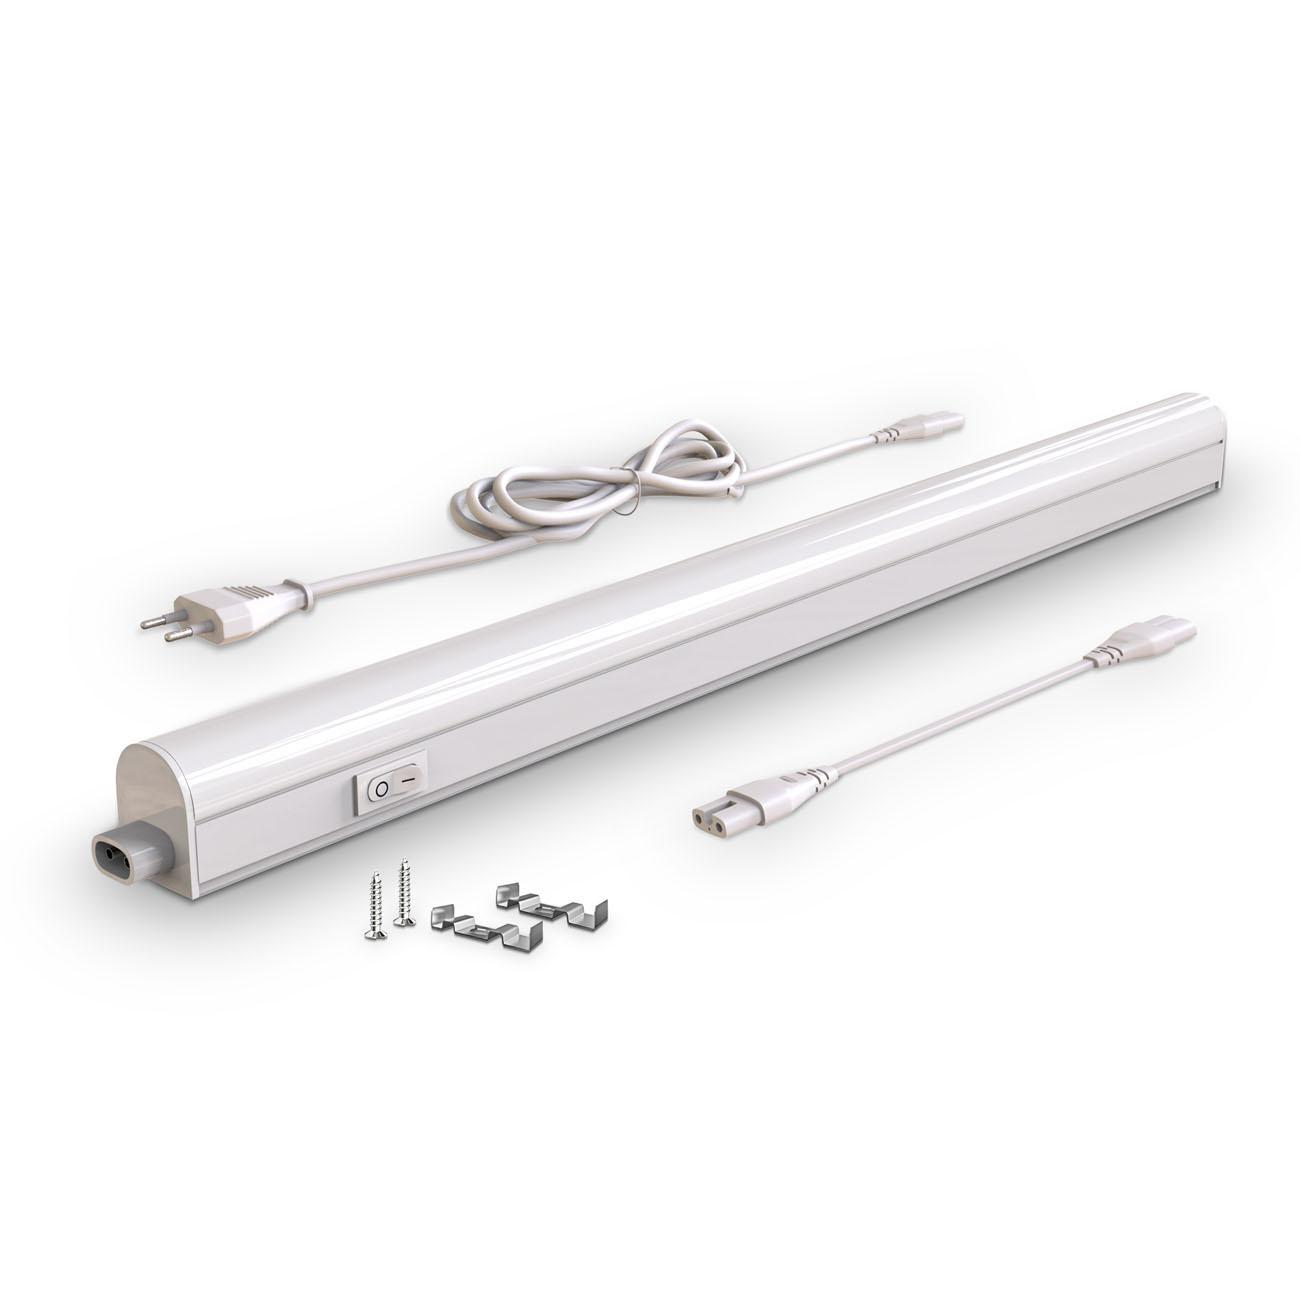 LED Unterbauleuchte mit Verbindungskabel weiß M